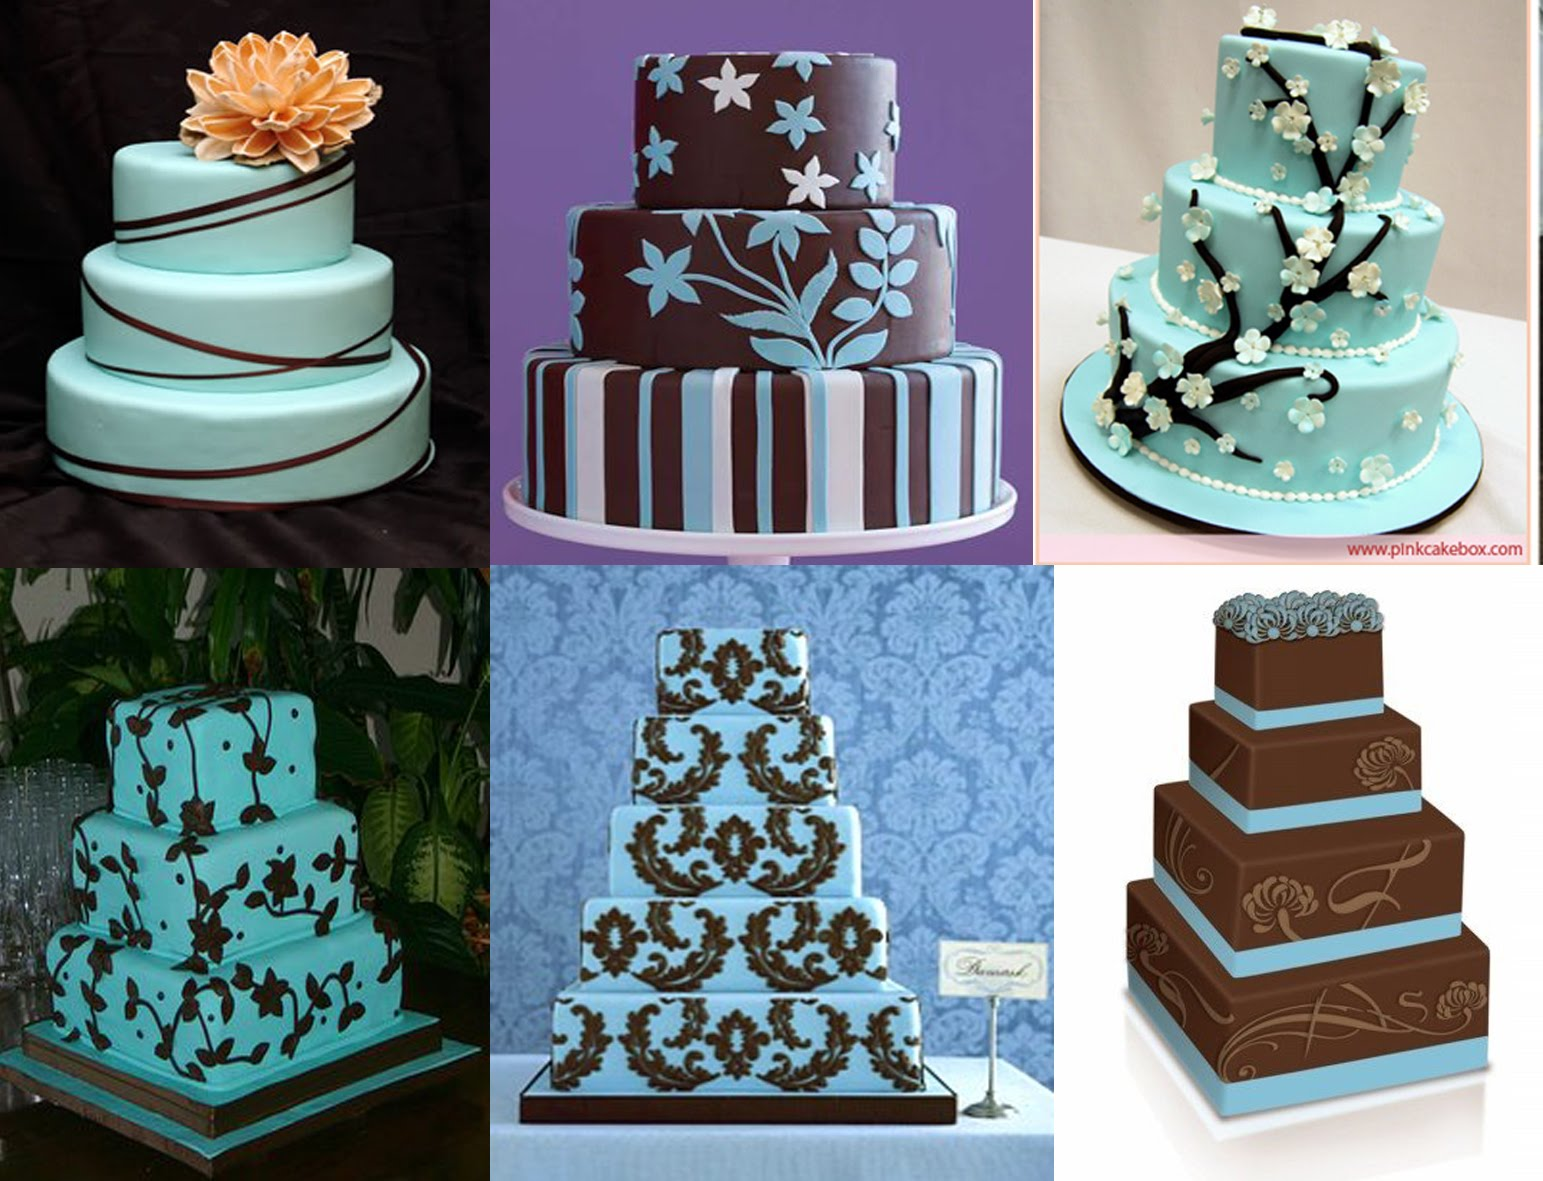 decoracao de casamento azul escuro e amarelo : decoracao de casamento azul escuro e amarelo:Karlla Nunes Wedding Planner: Tendências 2012